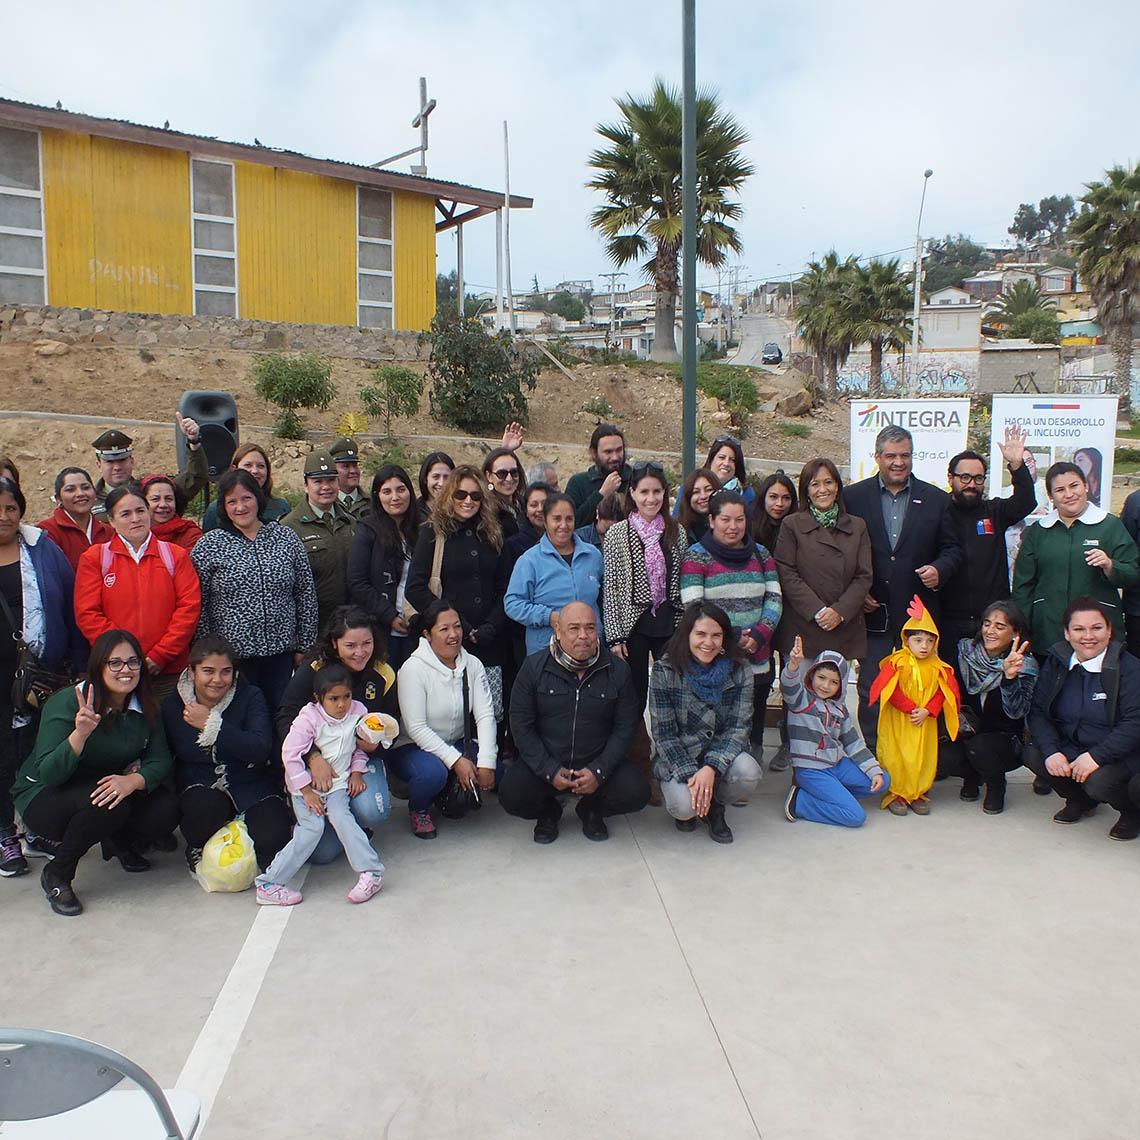 Grupo de niños y niñas junto a Educadoras del Jardín